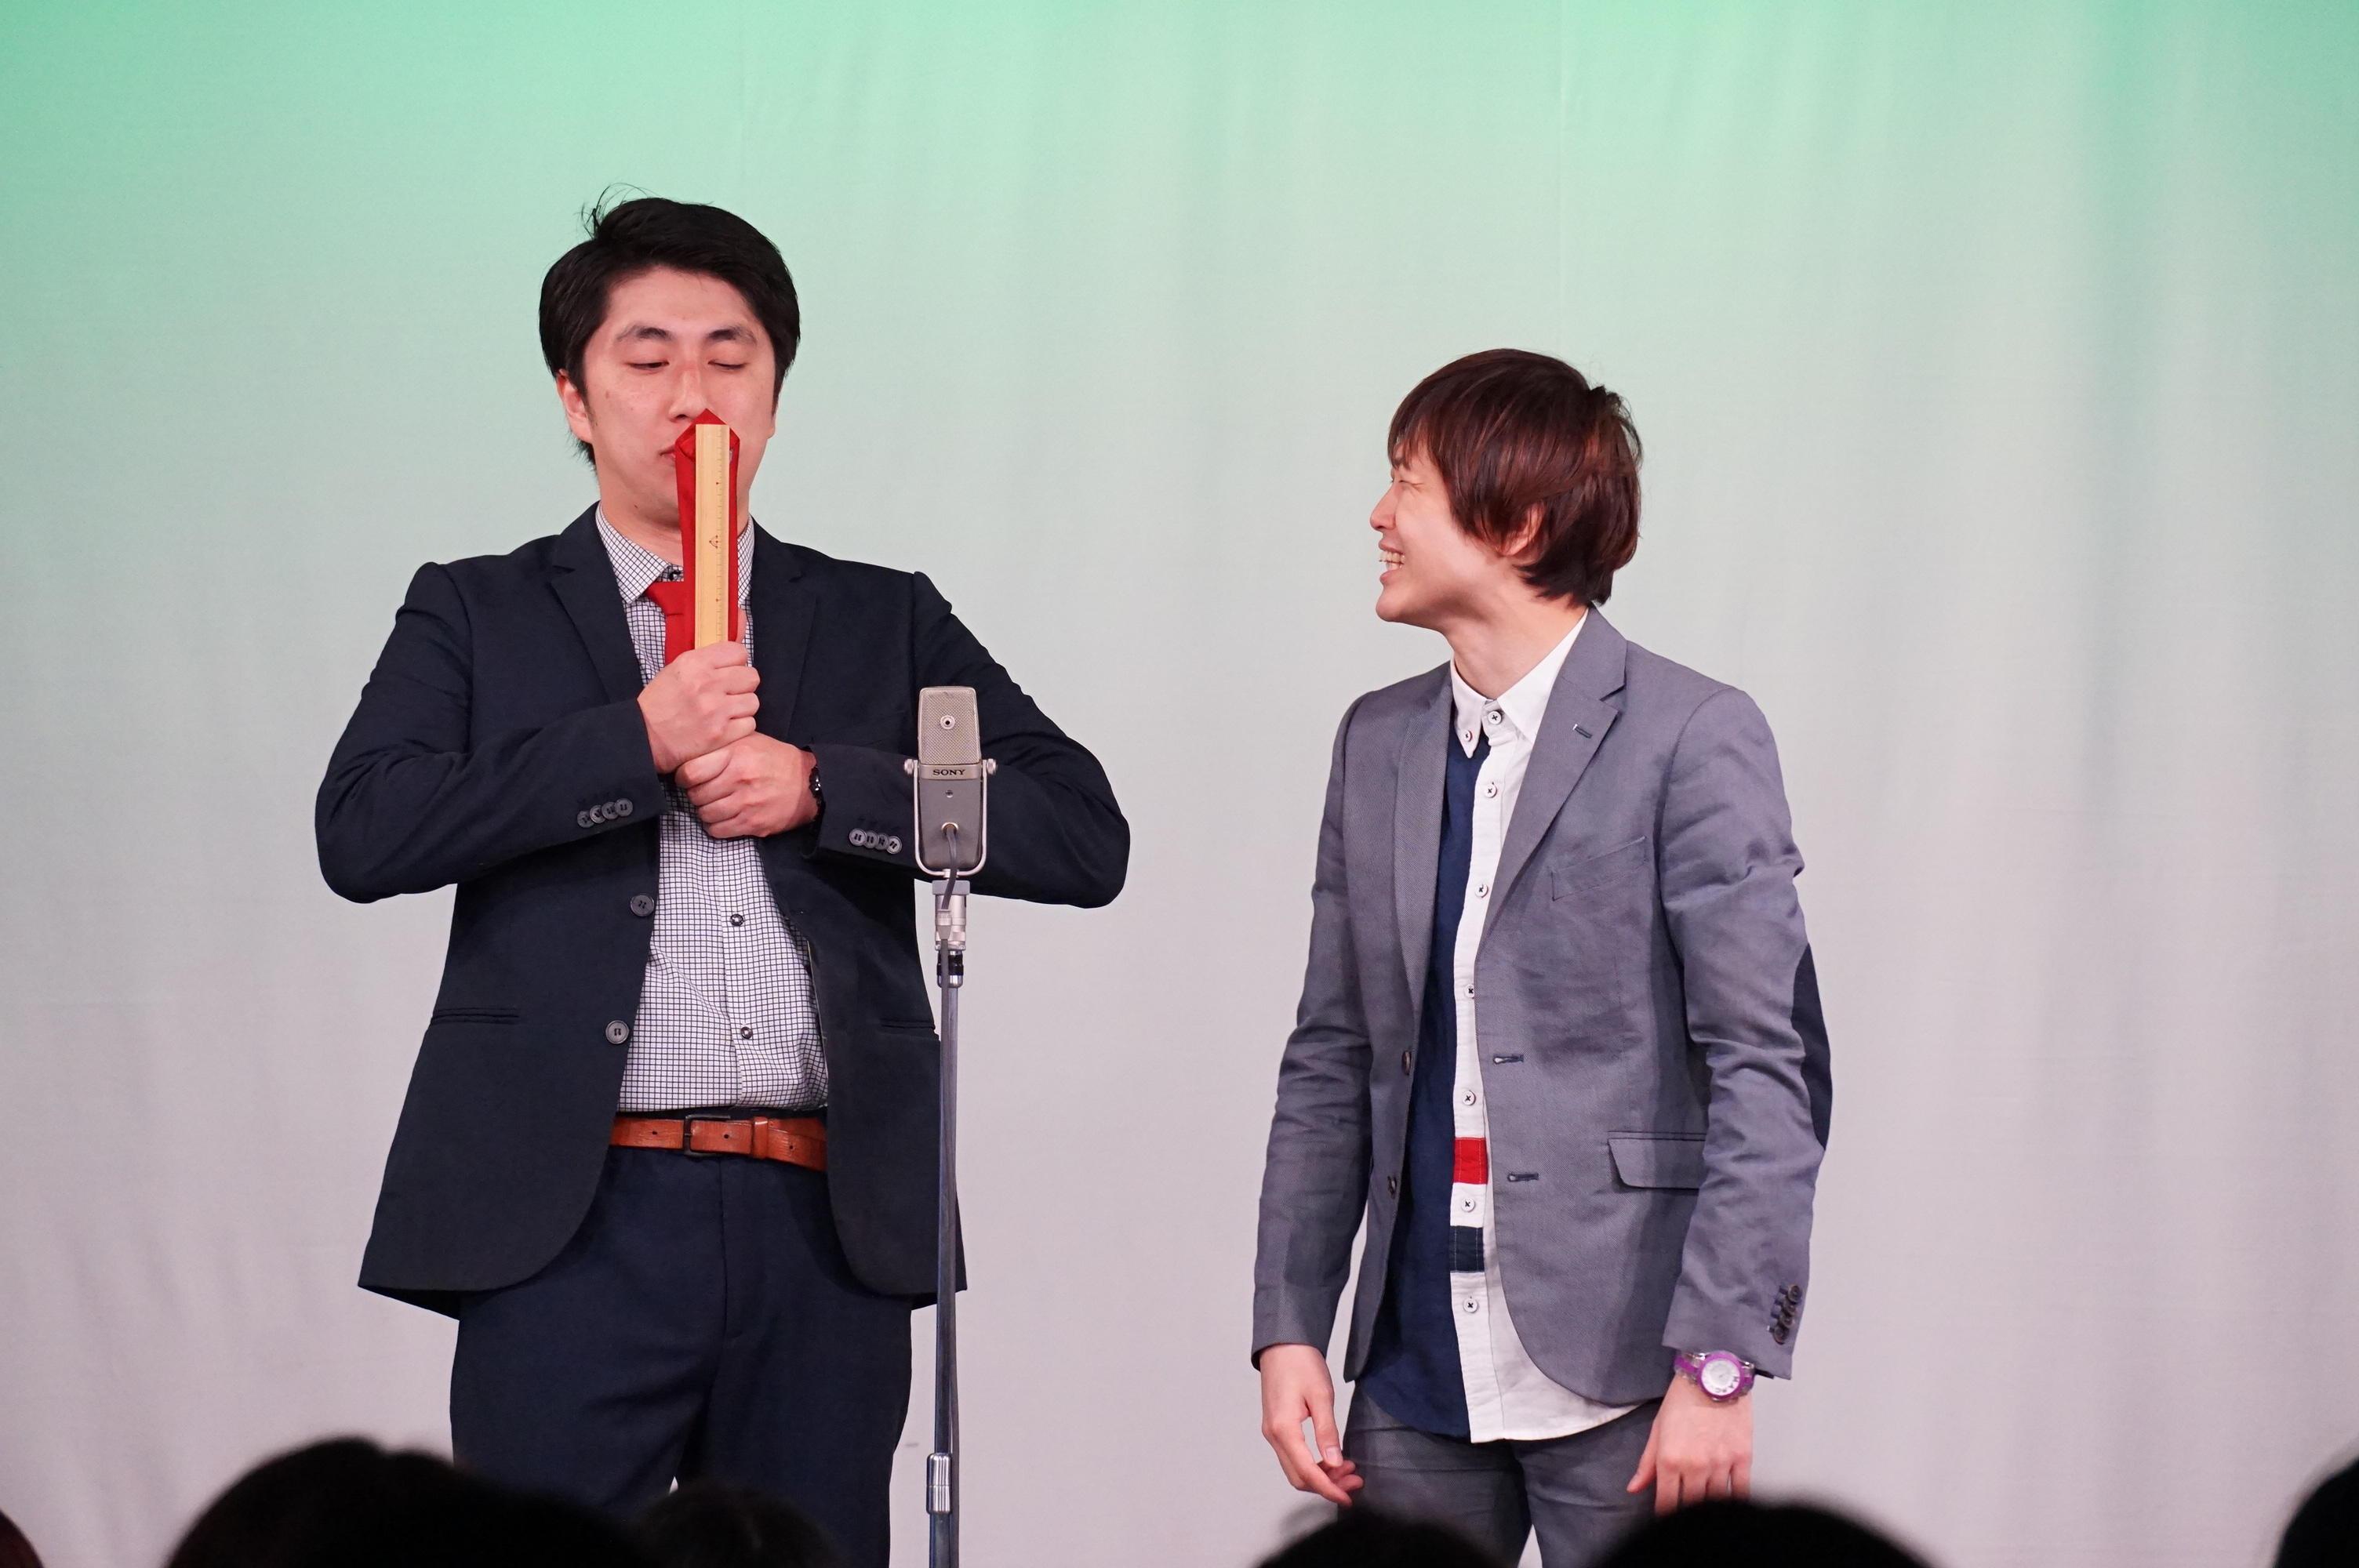 http://news.yoshimoto.co.jp/20161028190439-fcb28d05b0e5751ac306b7b3d2858dd92c3d2a5a.jpg